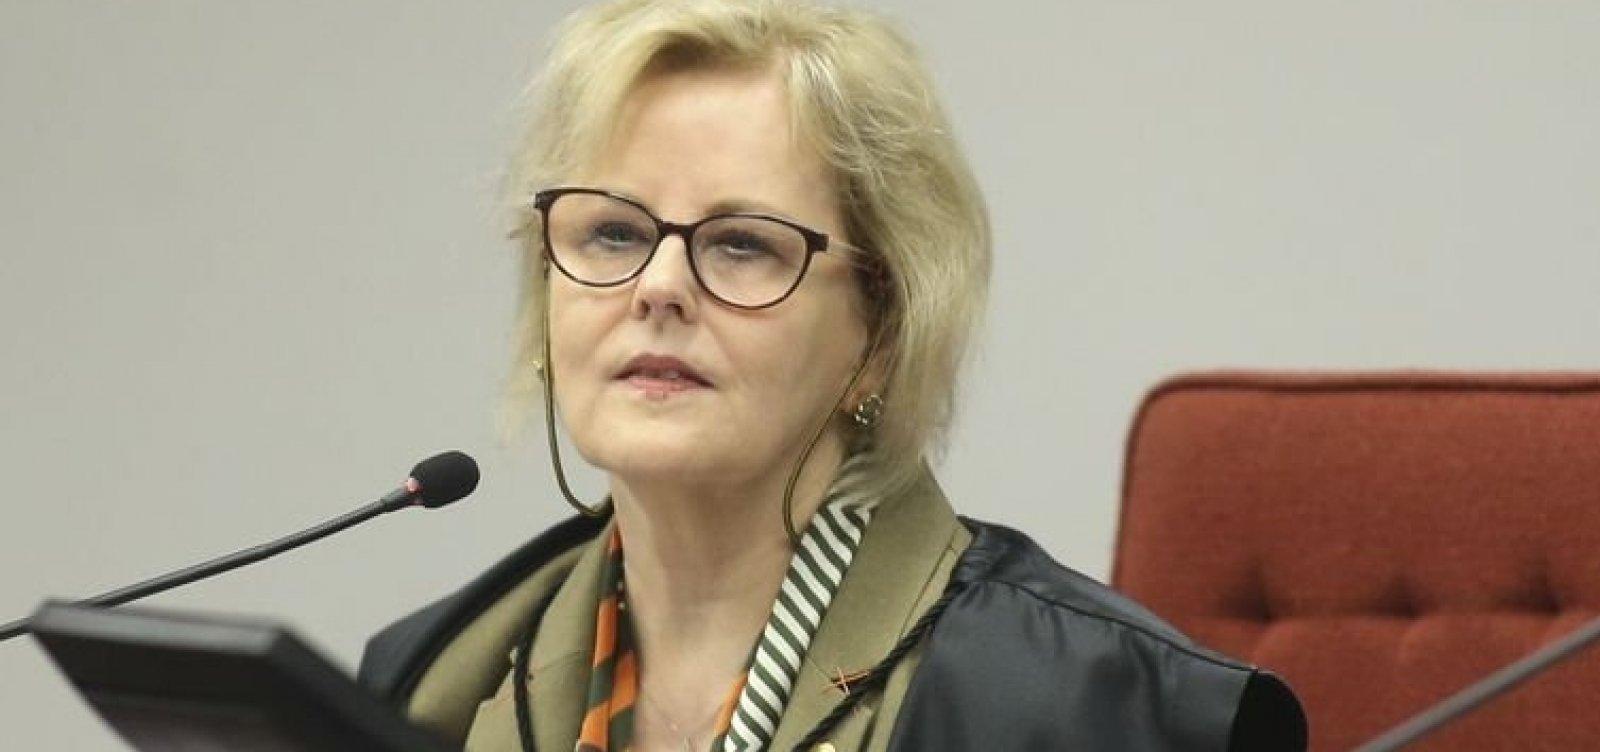 Lava Jato ocultou informações de Rosa Weber ao pedir apoio em investigação sobre Lula